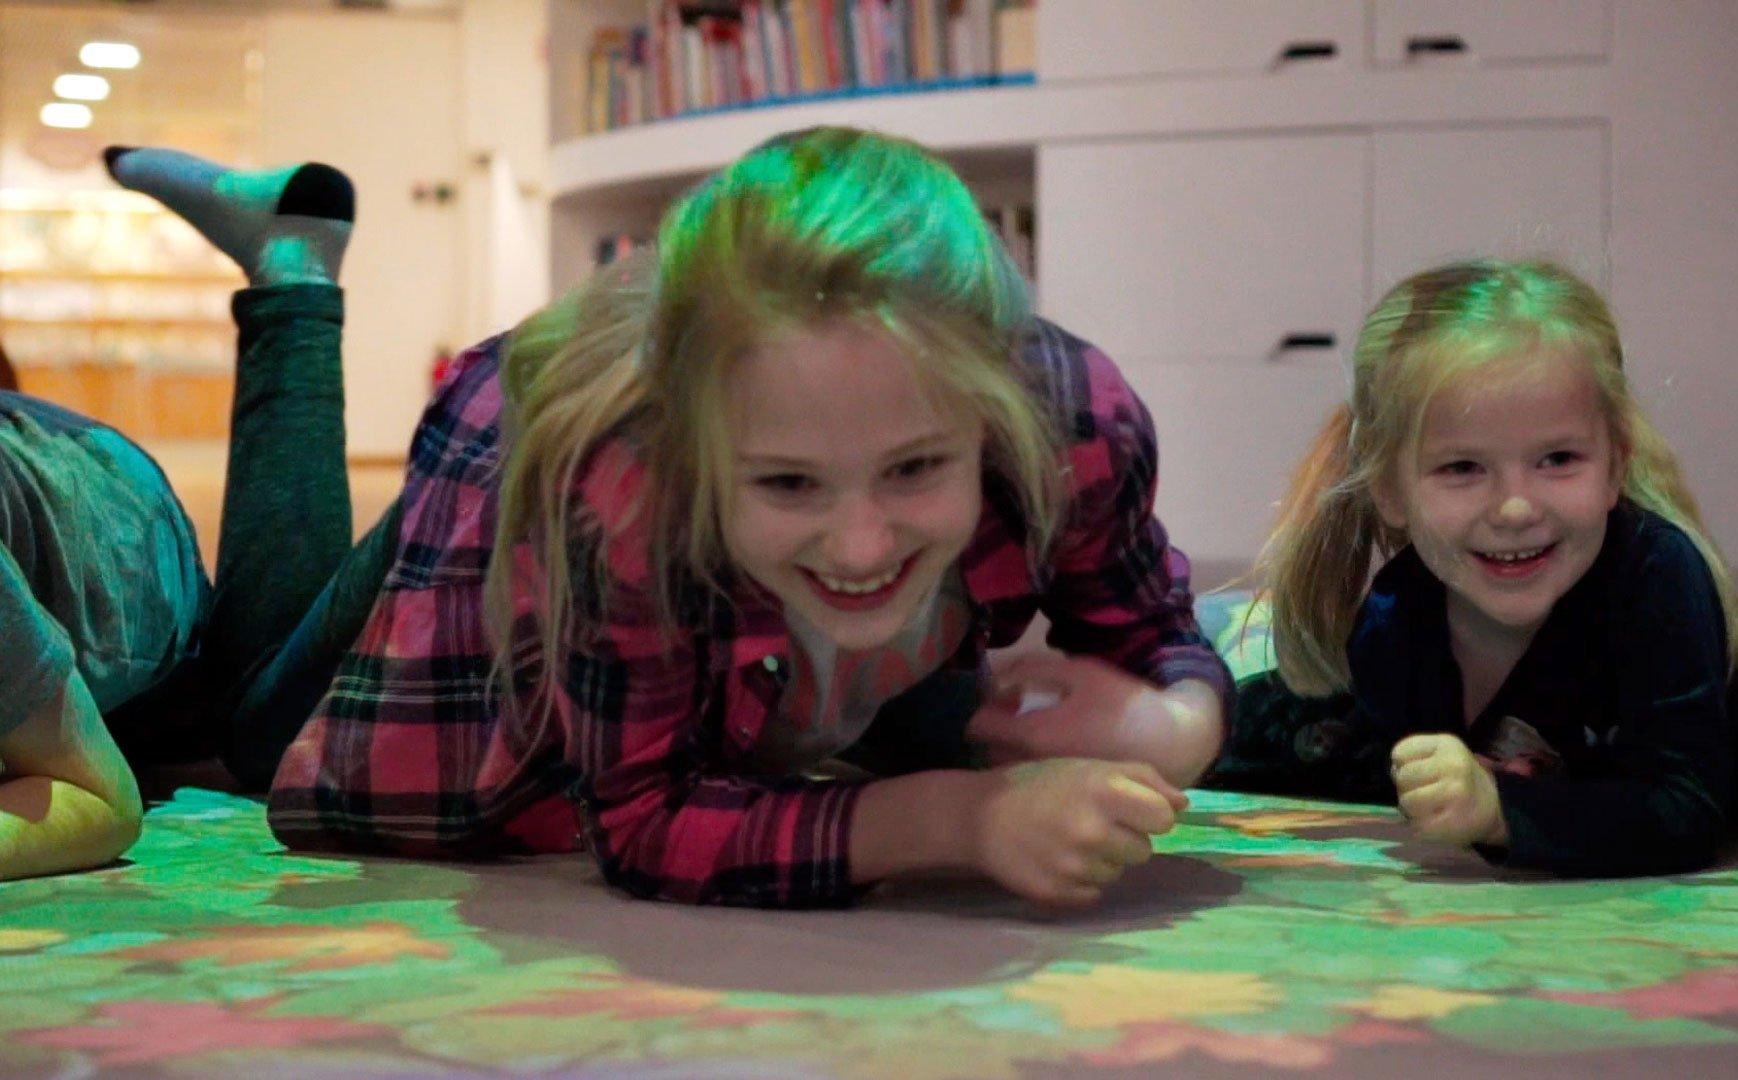 interaktiv-undervisning-spesialpedagogikk-aktivitetsgulv